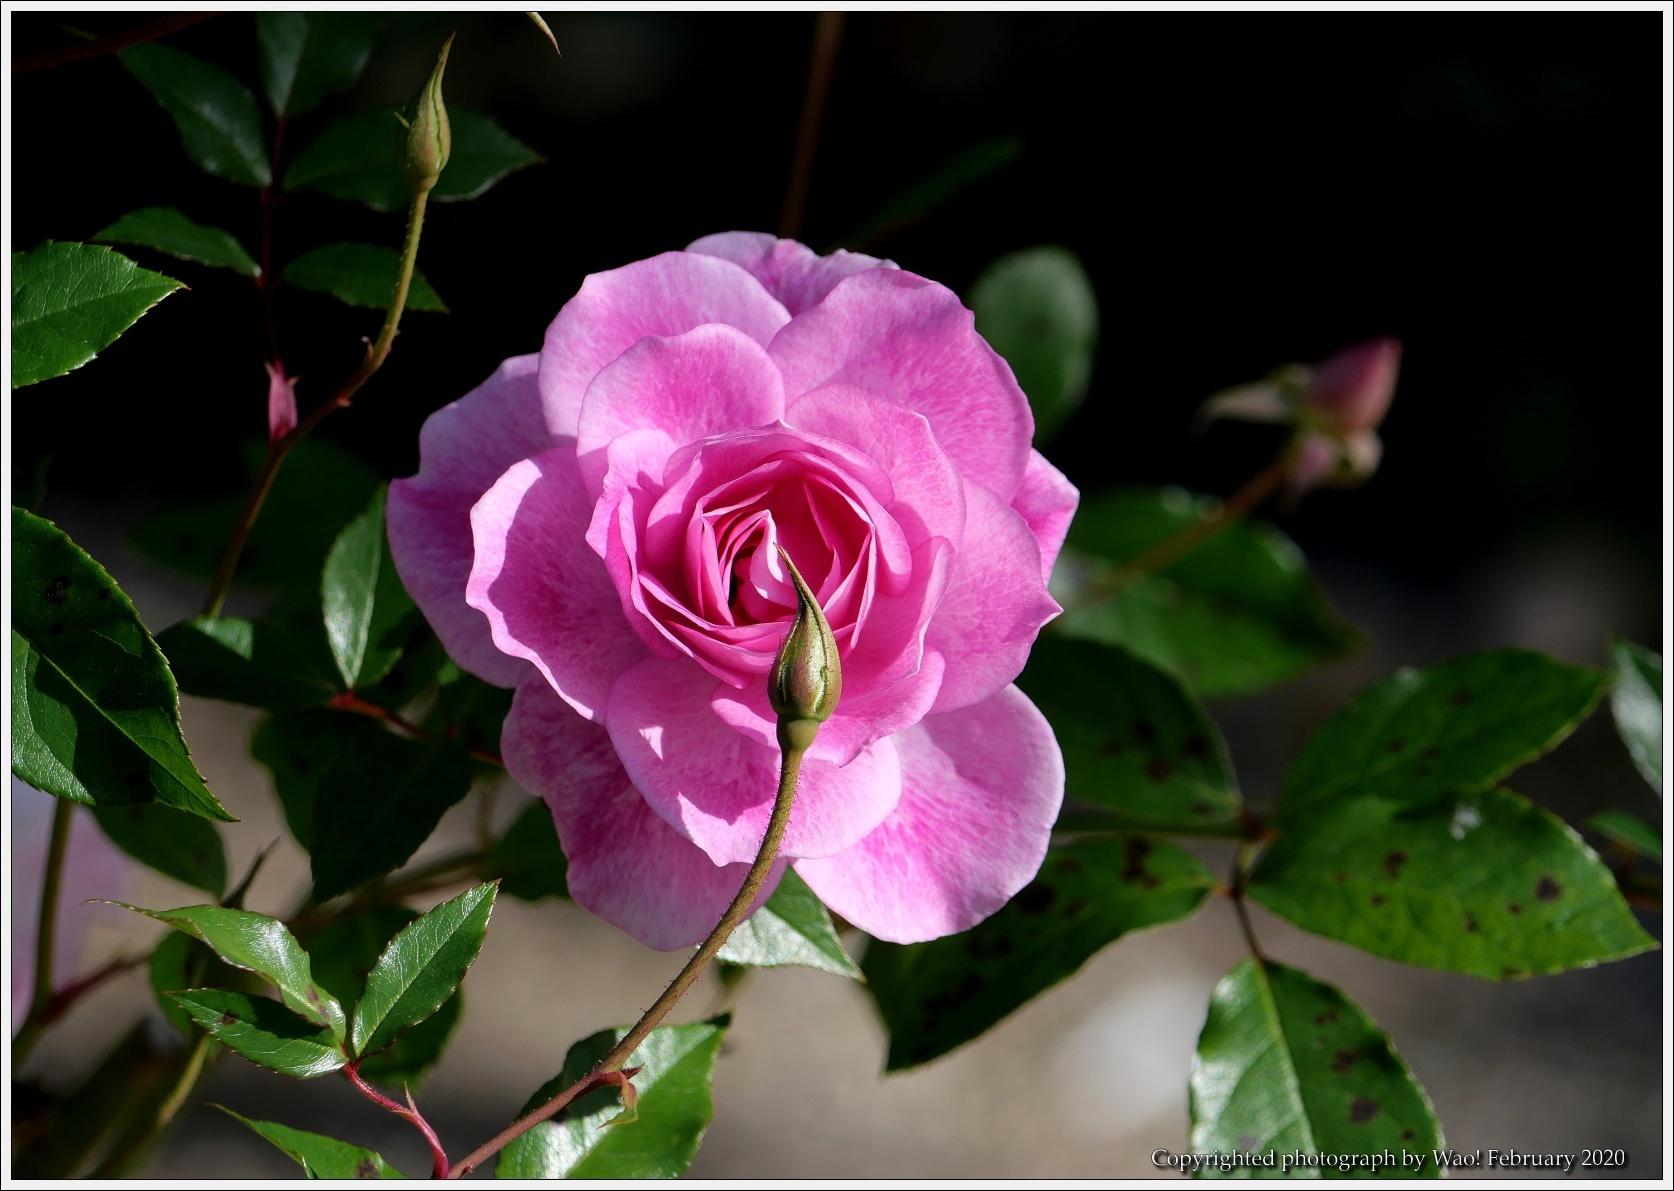 冬のバラと温室の花と蝶_c0198669_16092254.jpg